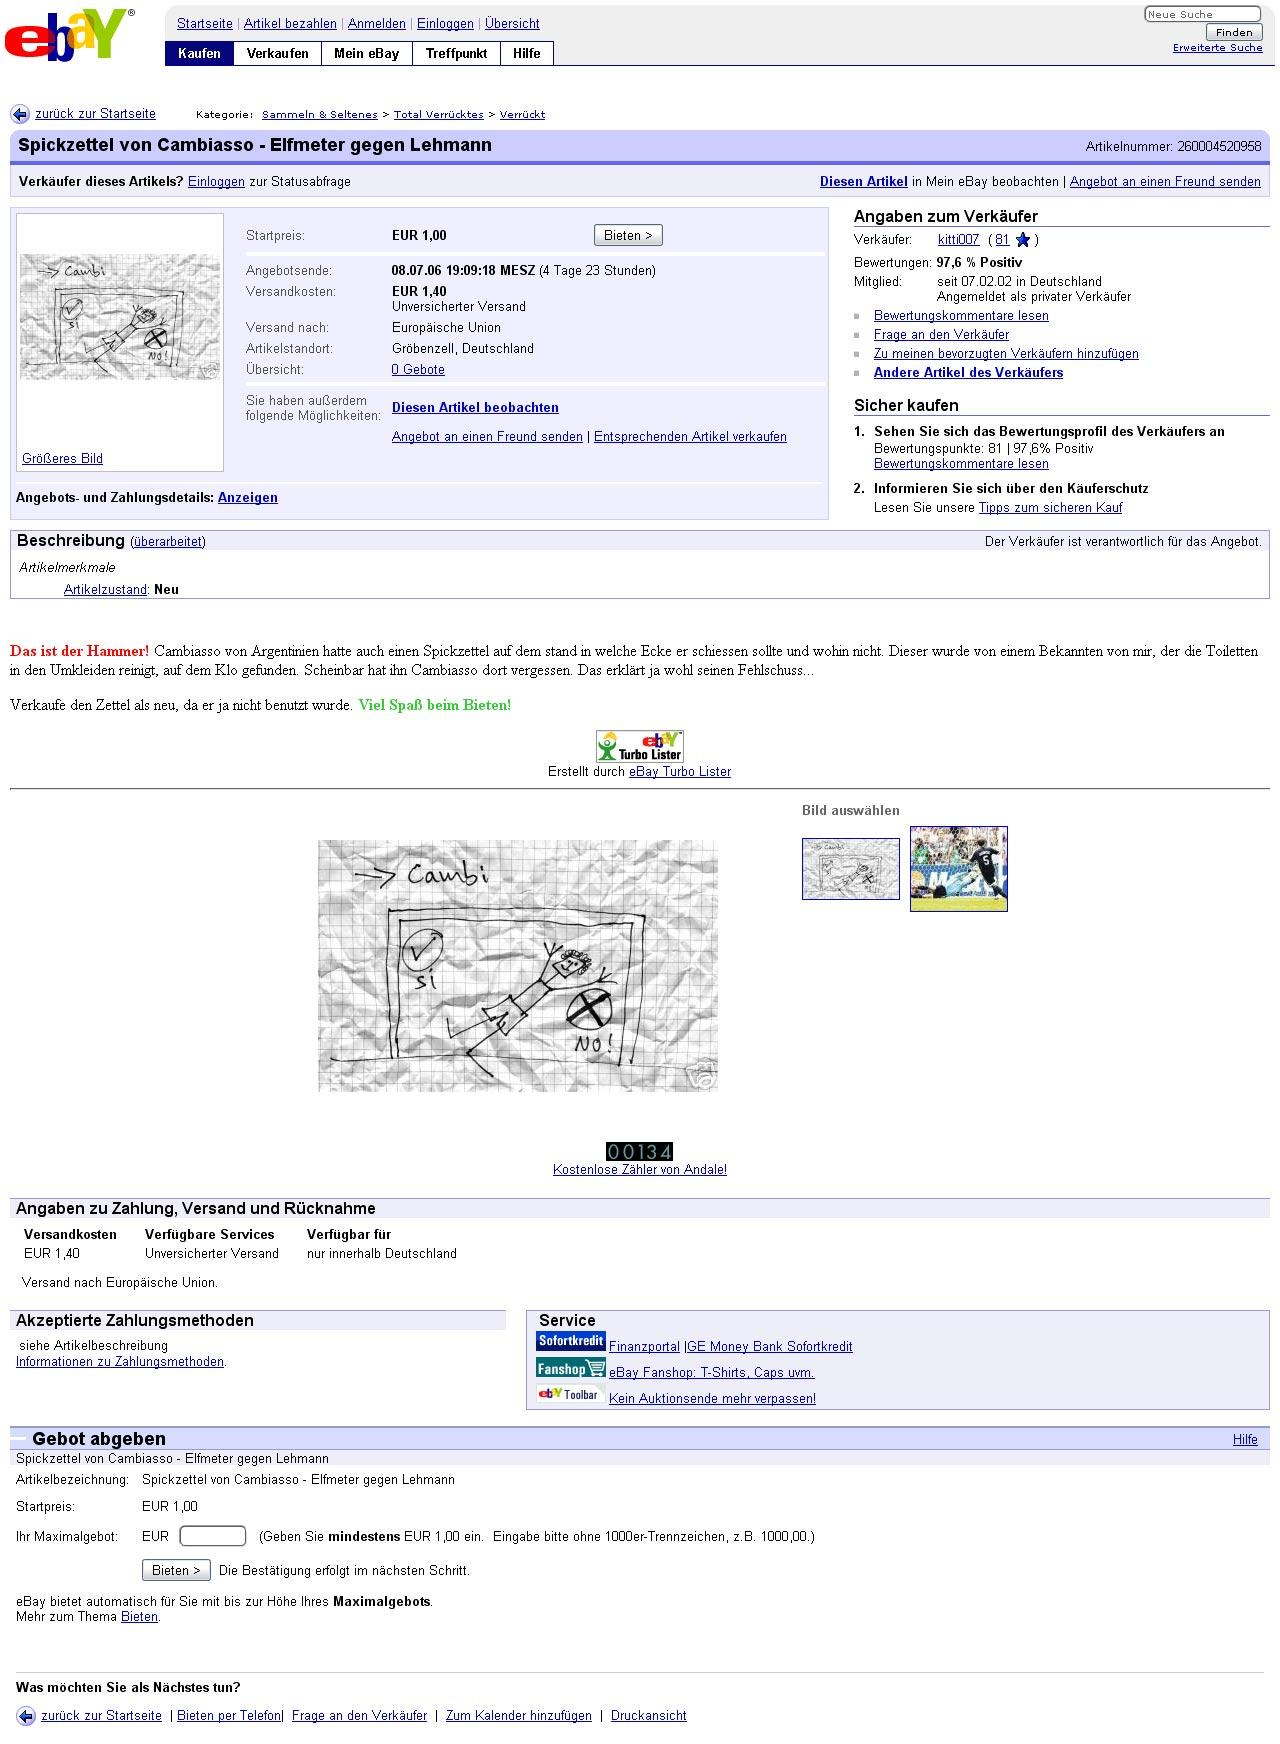 Fantastisch Spickzettel Tumblr Bilder - Beispiel Business Lebenslauf ...